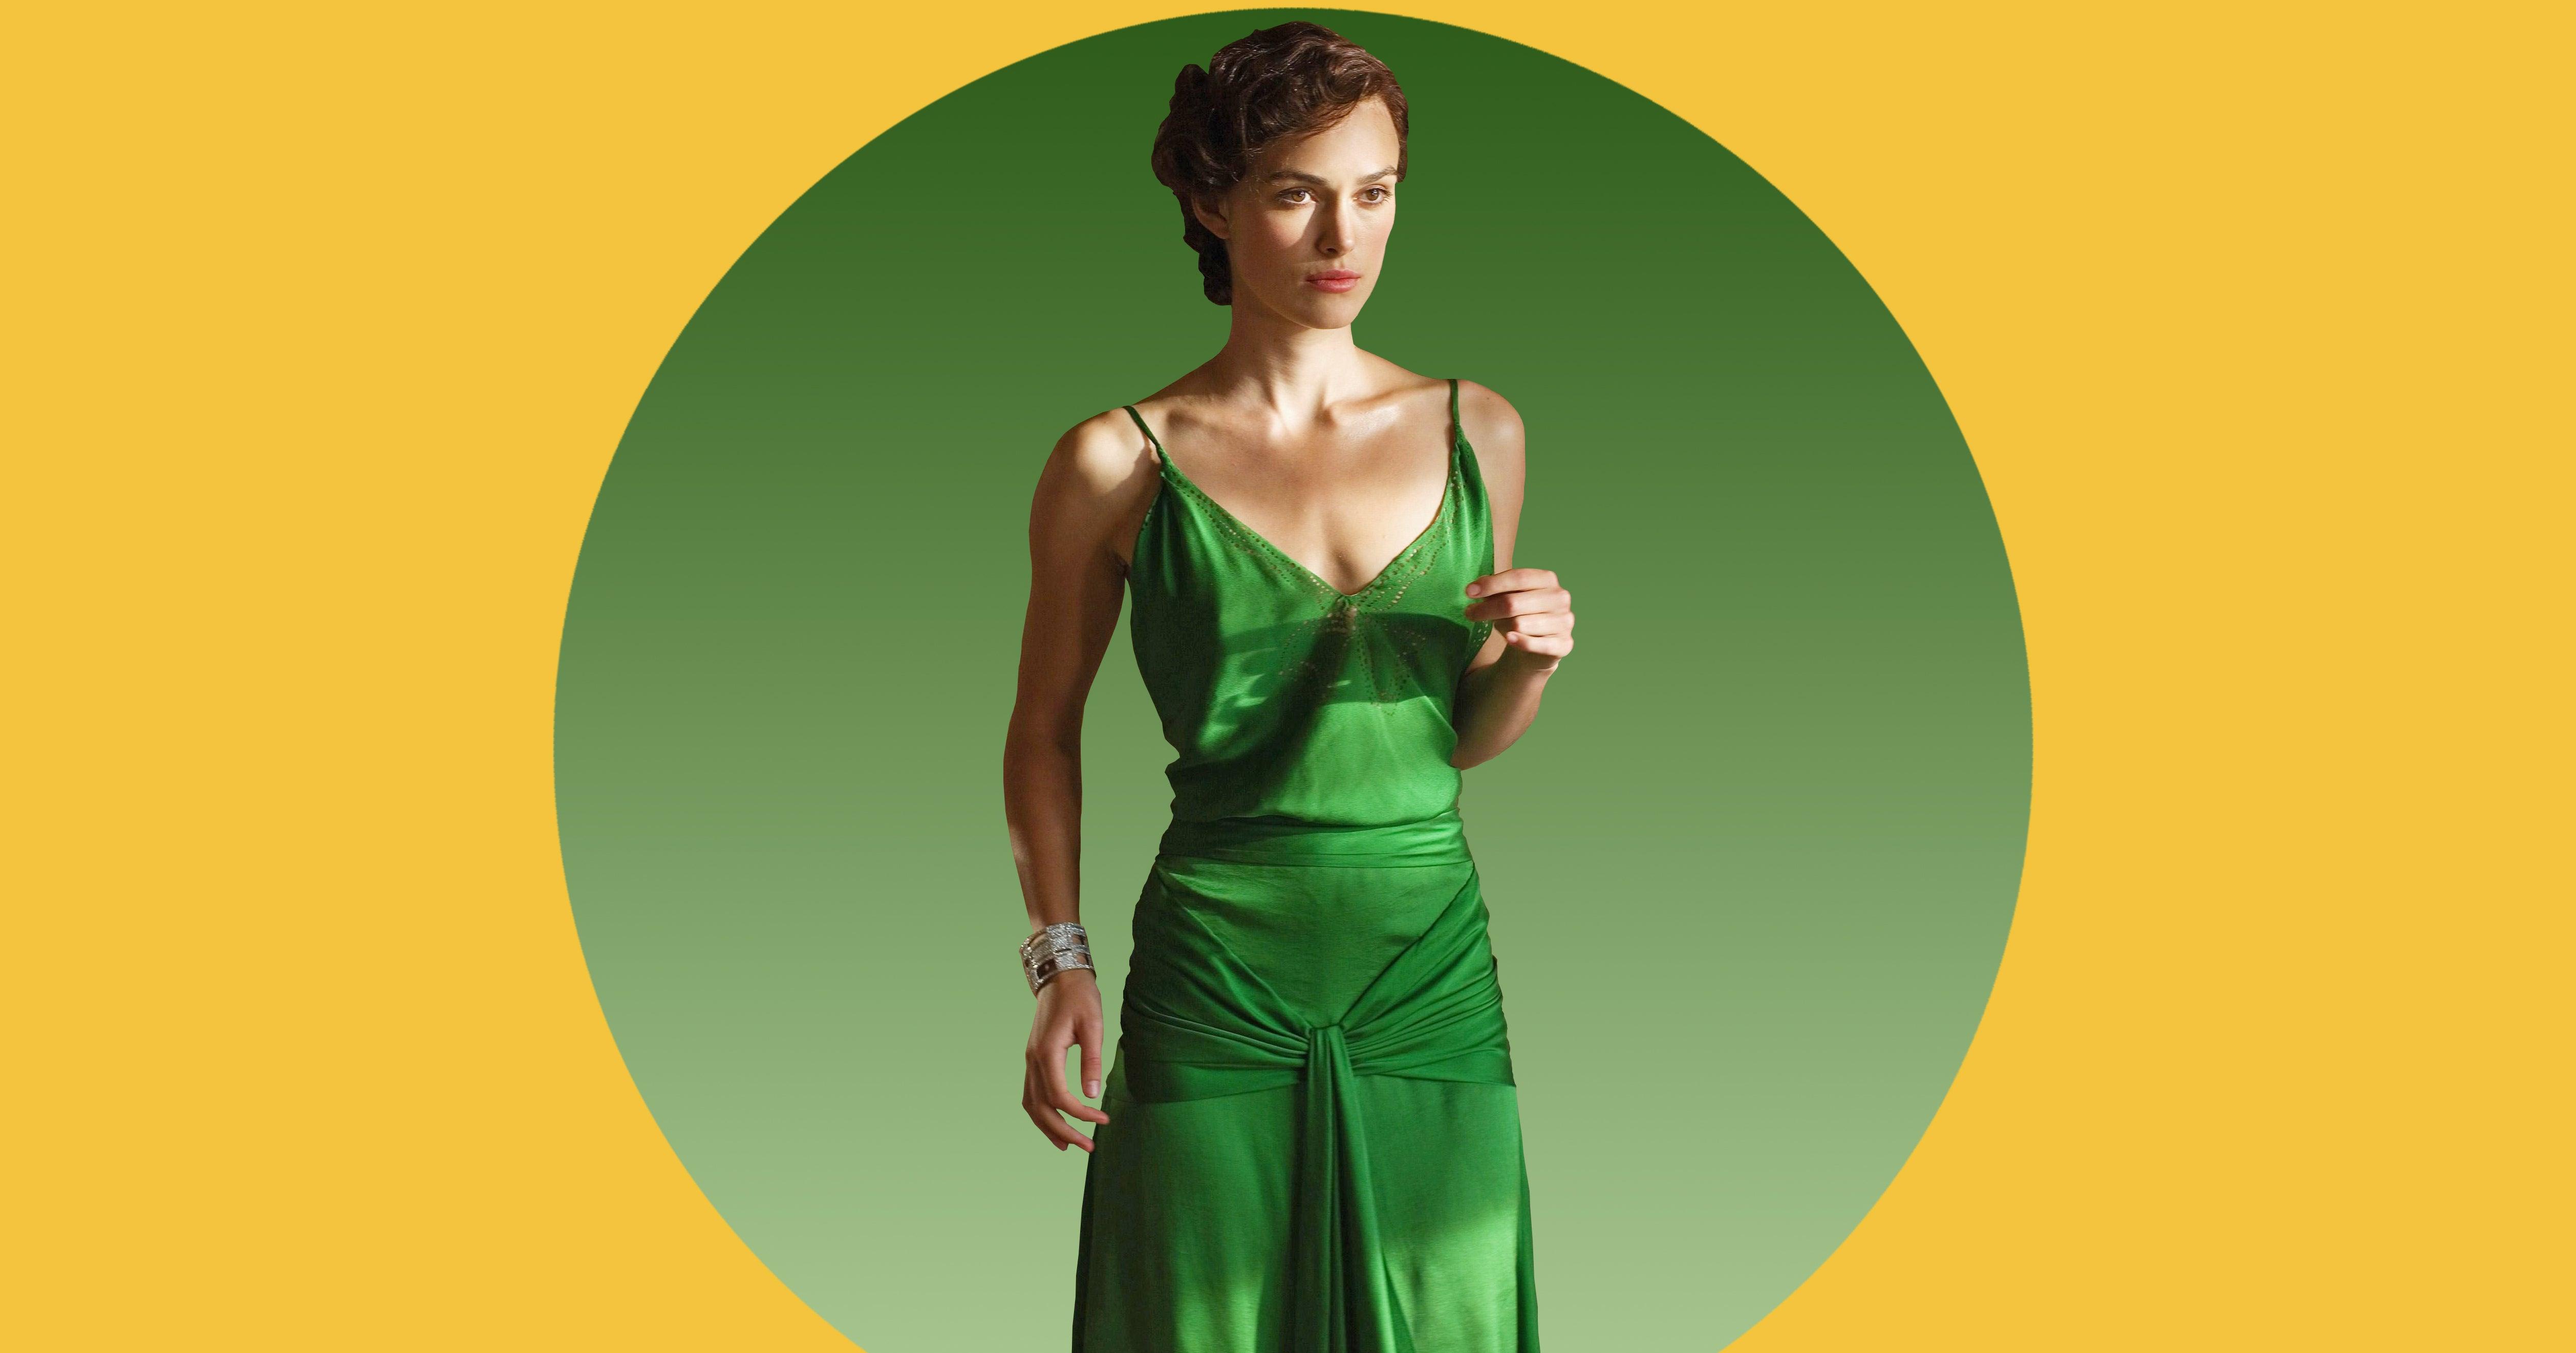 Der verborgene Reiz des grünen Kleides